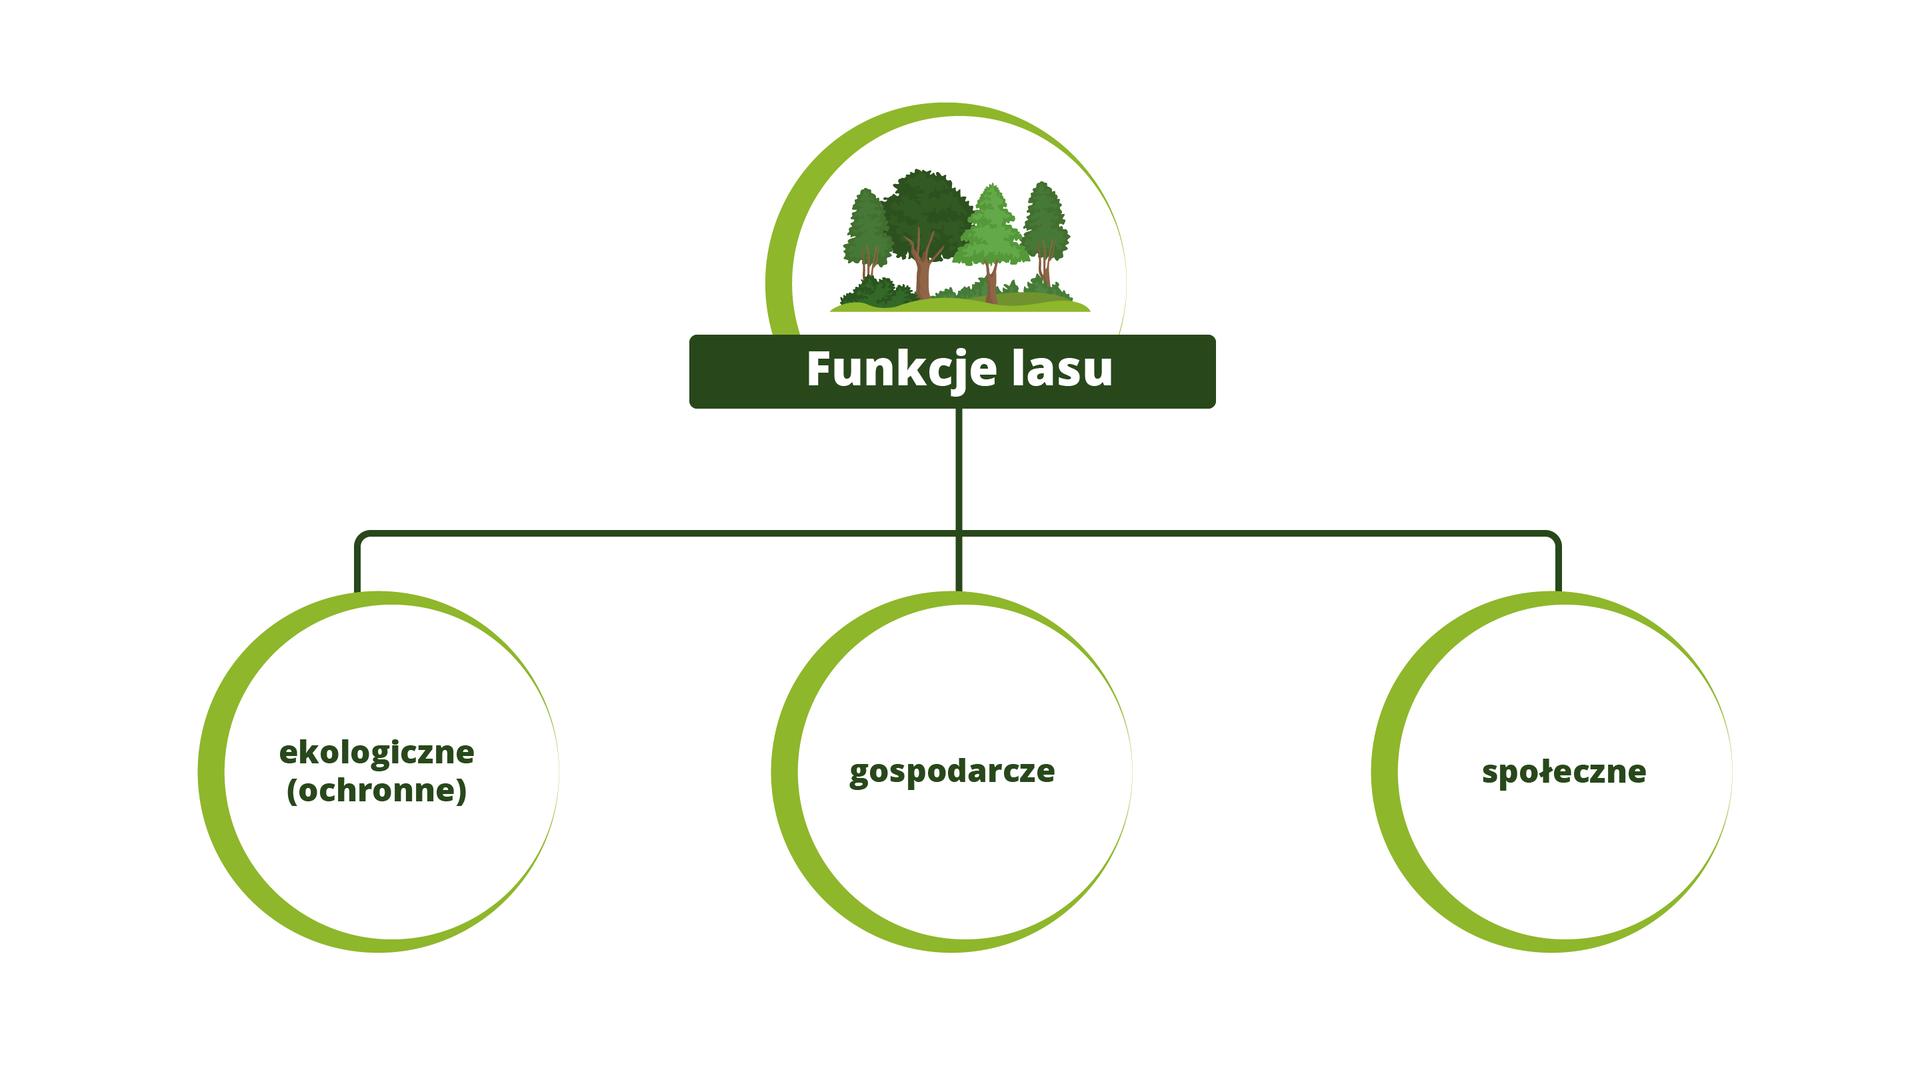 Funcje lasu, Źródło Englishsquare.pl Sp. zo.o., licencja – CC BY-SA 3.0.